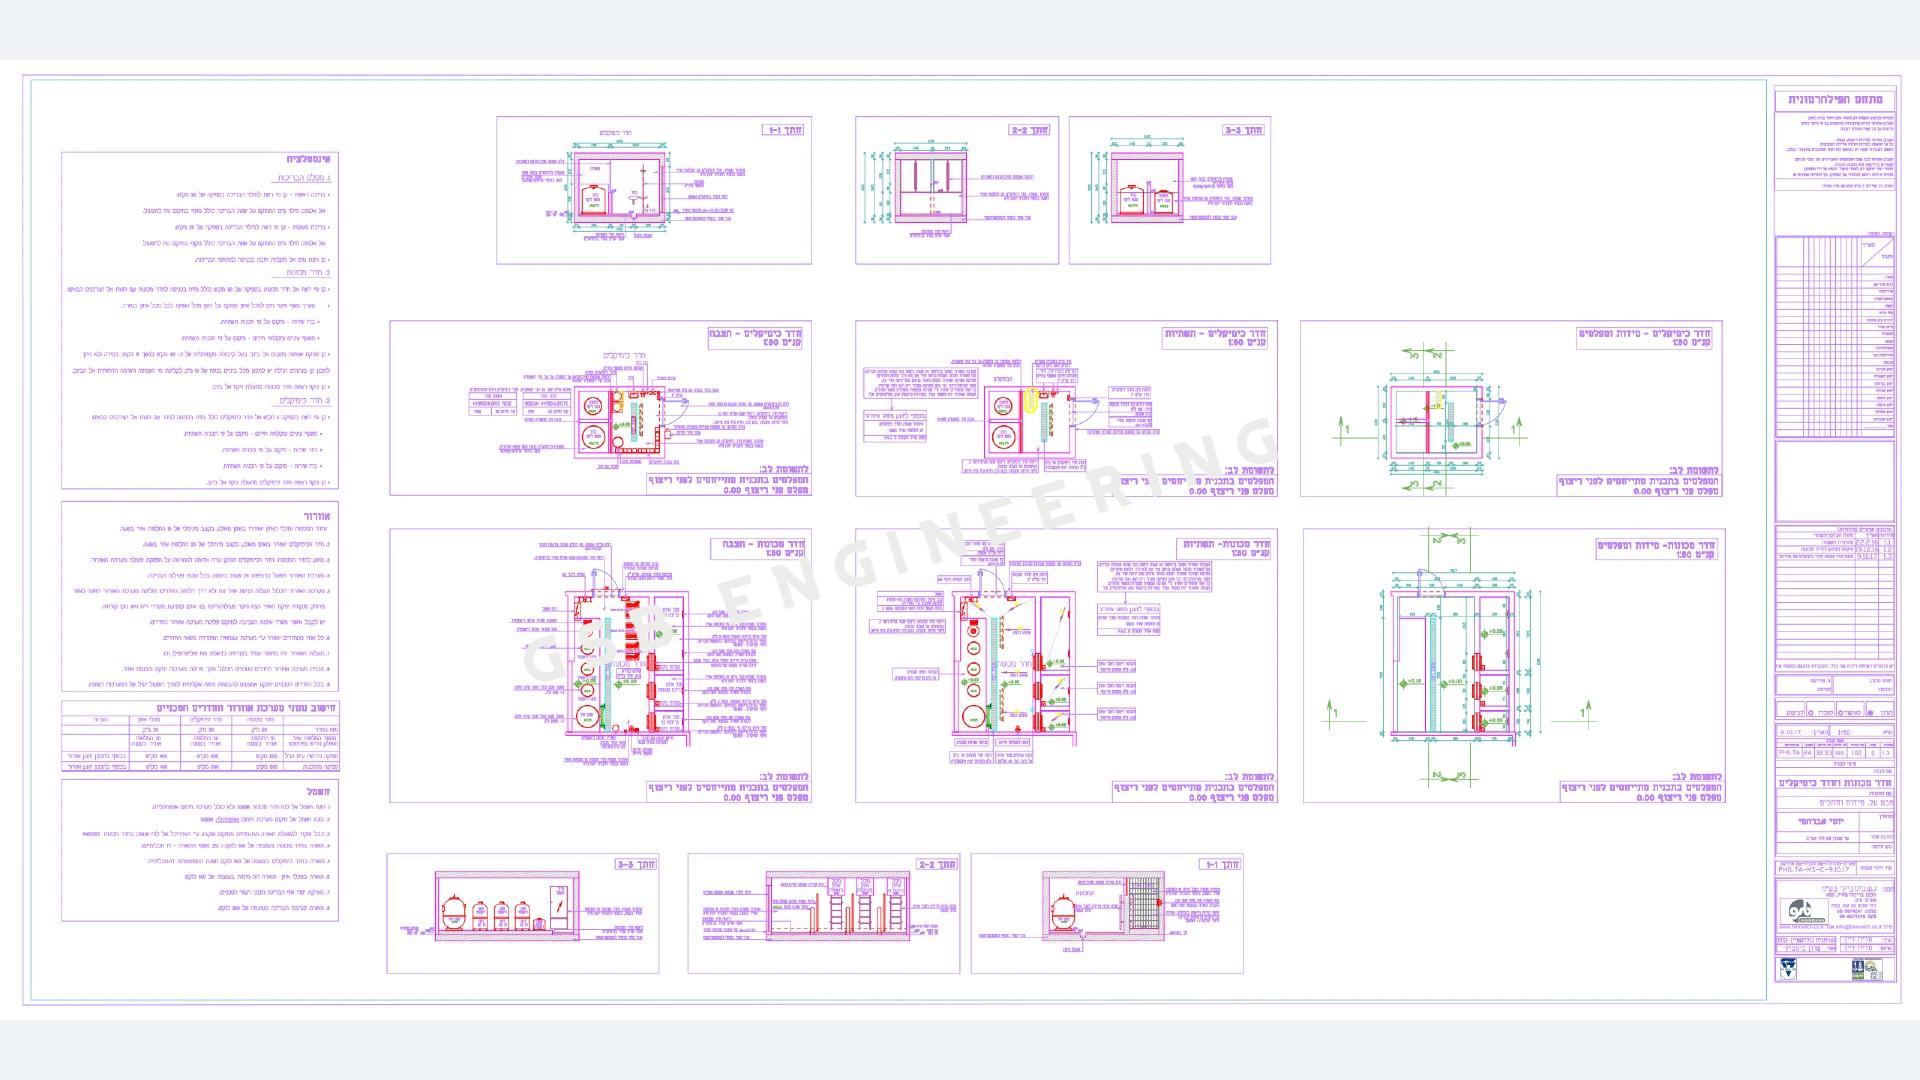 תכנון בריכות שחייה לבניין מגורים - פרוייקט הפילהרמונית כוכב הצפון תל אביב